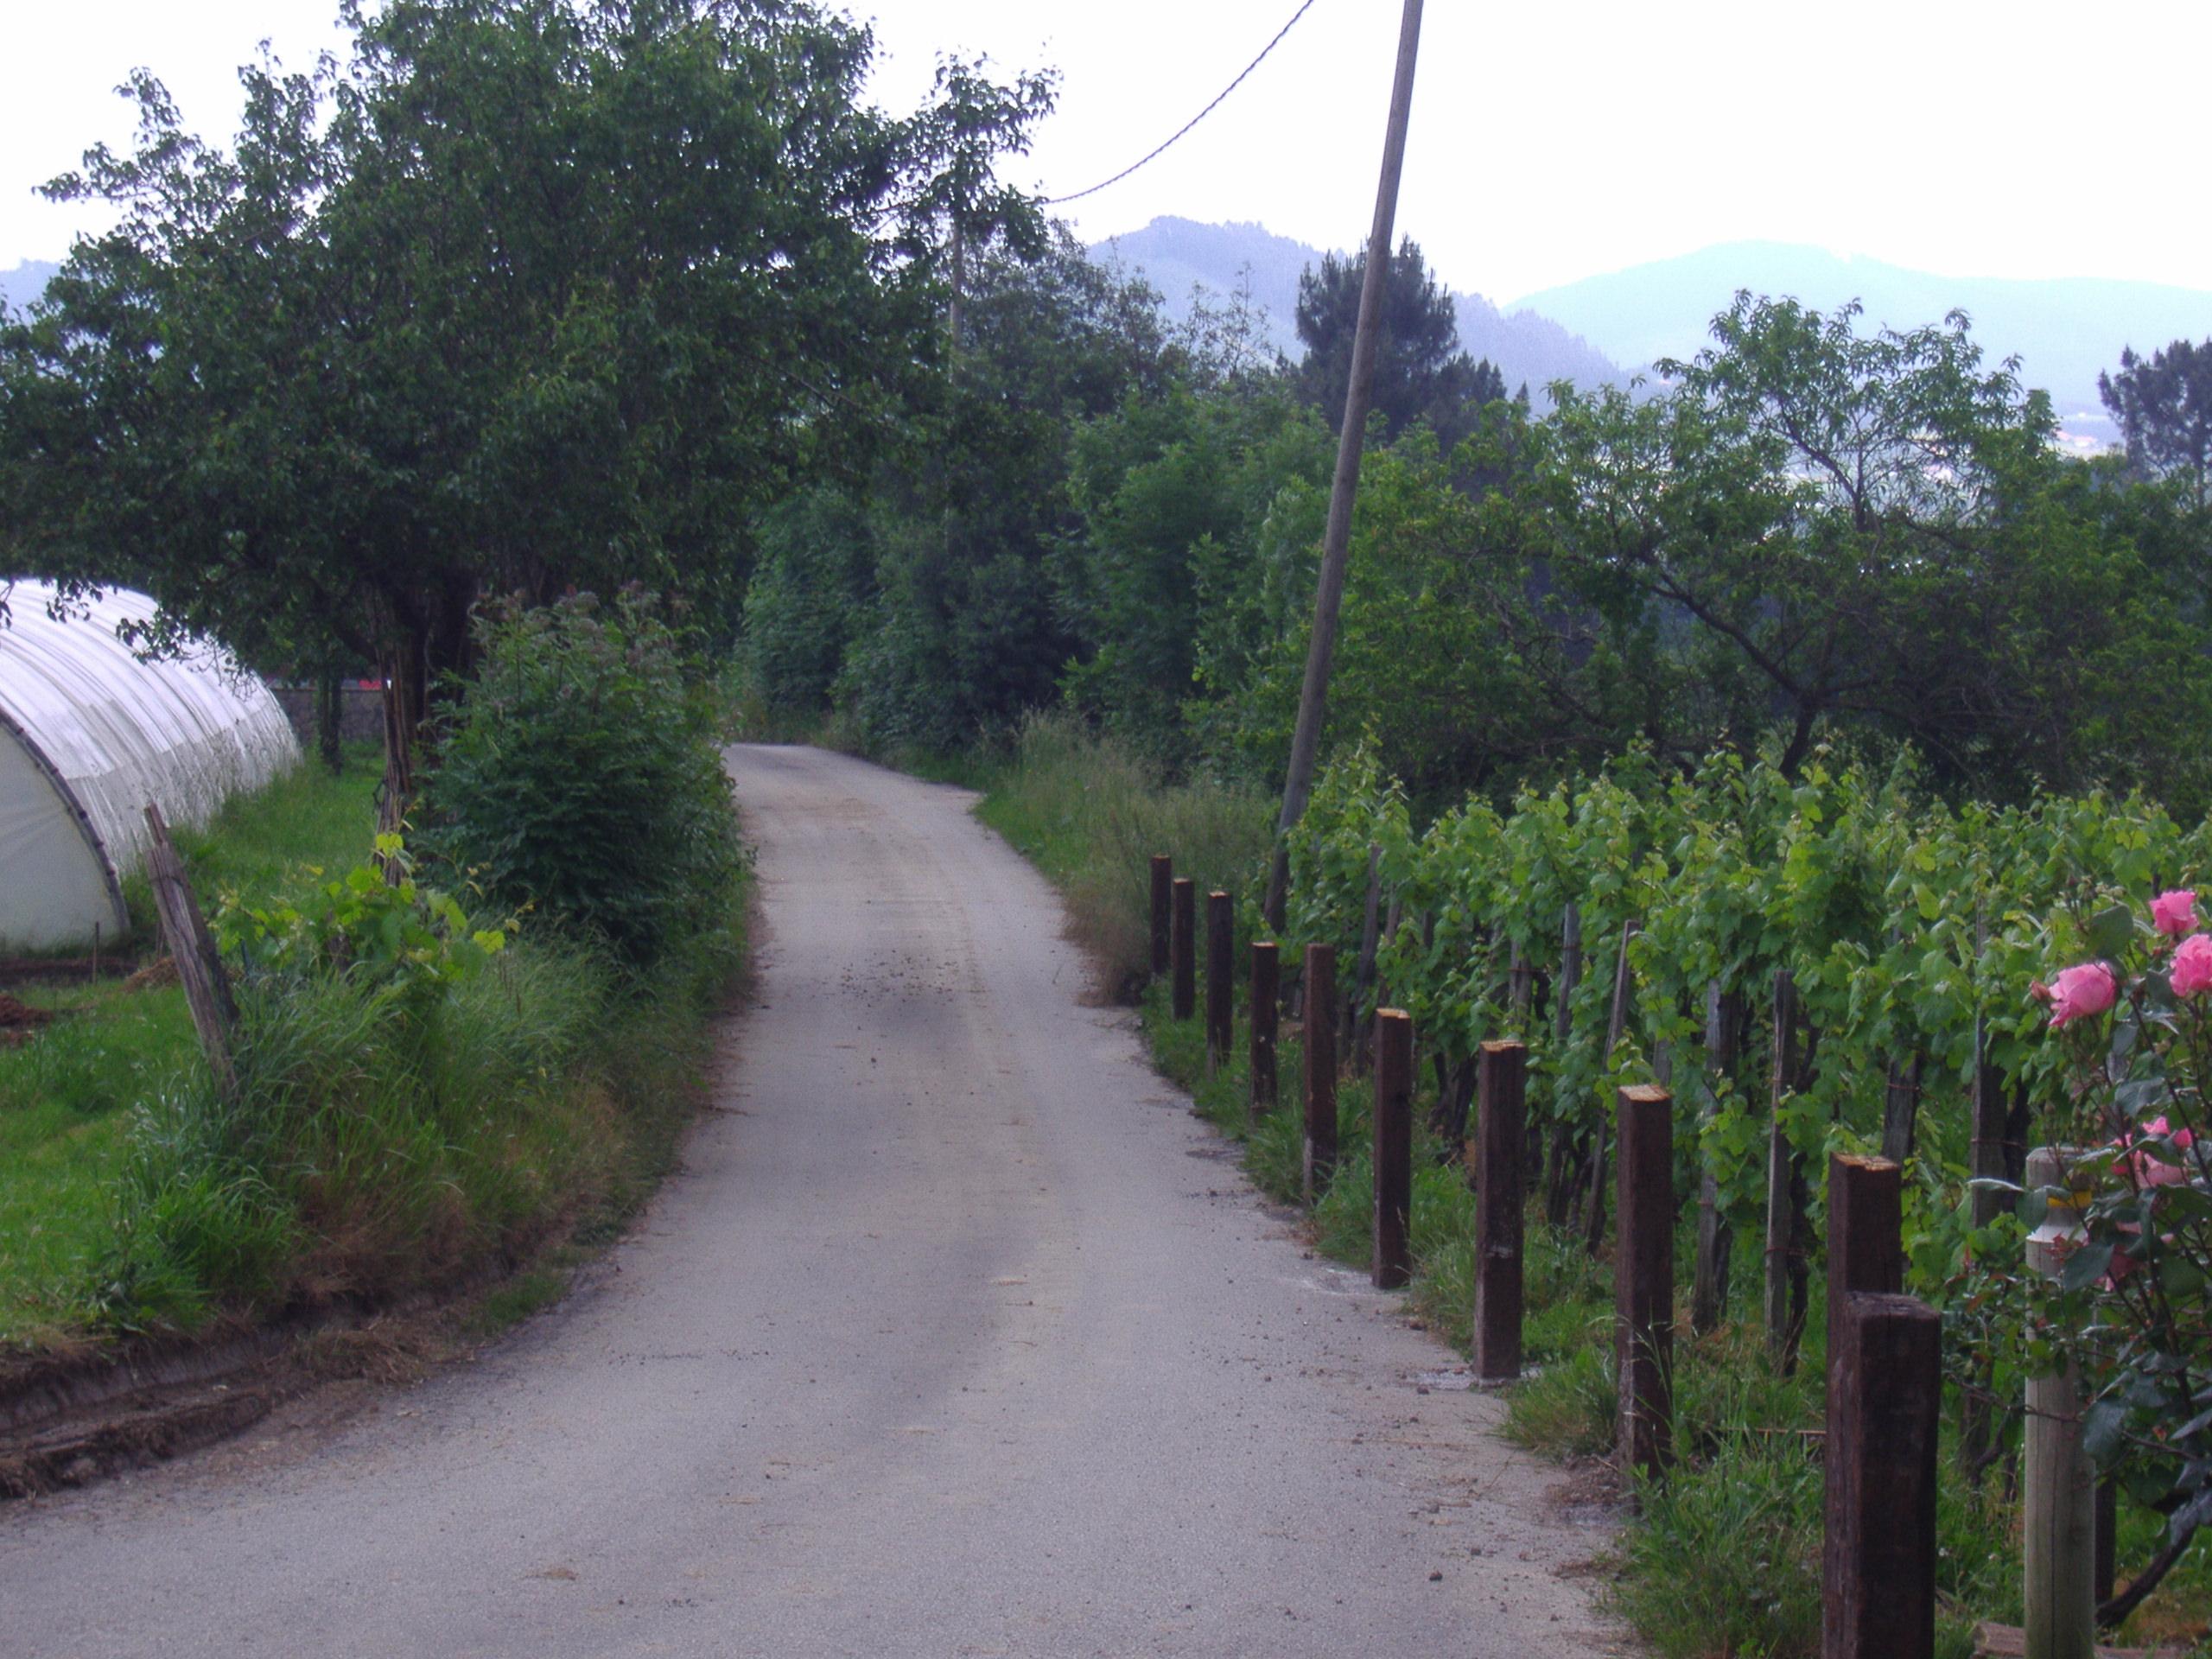 Imagen de las estacas ya colocadas y la izquierda, el cierre del vecino que se ha permitido.